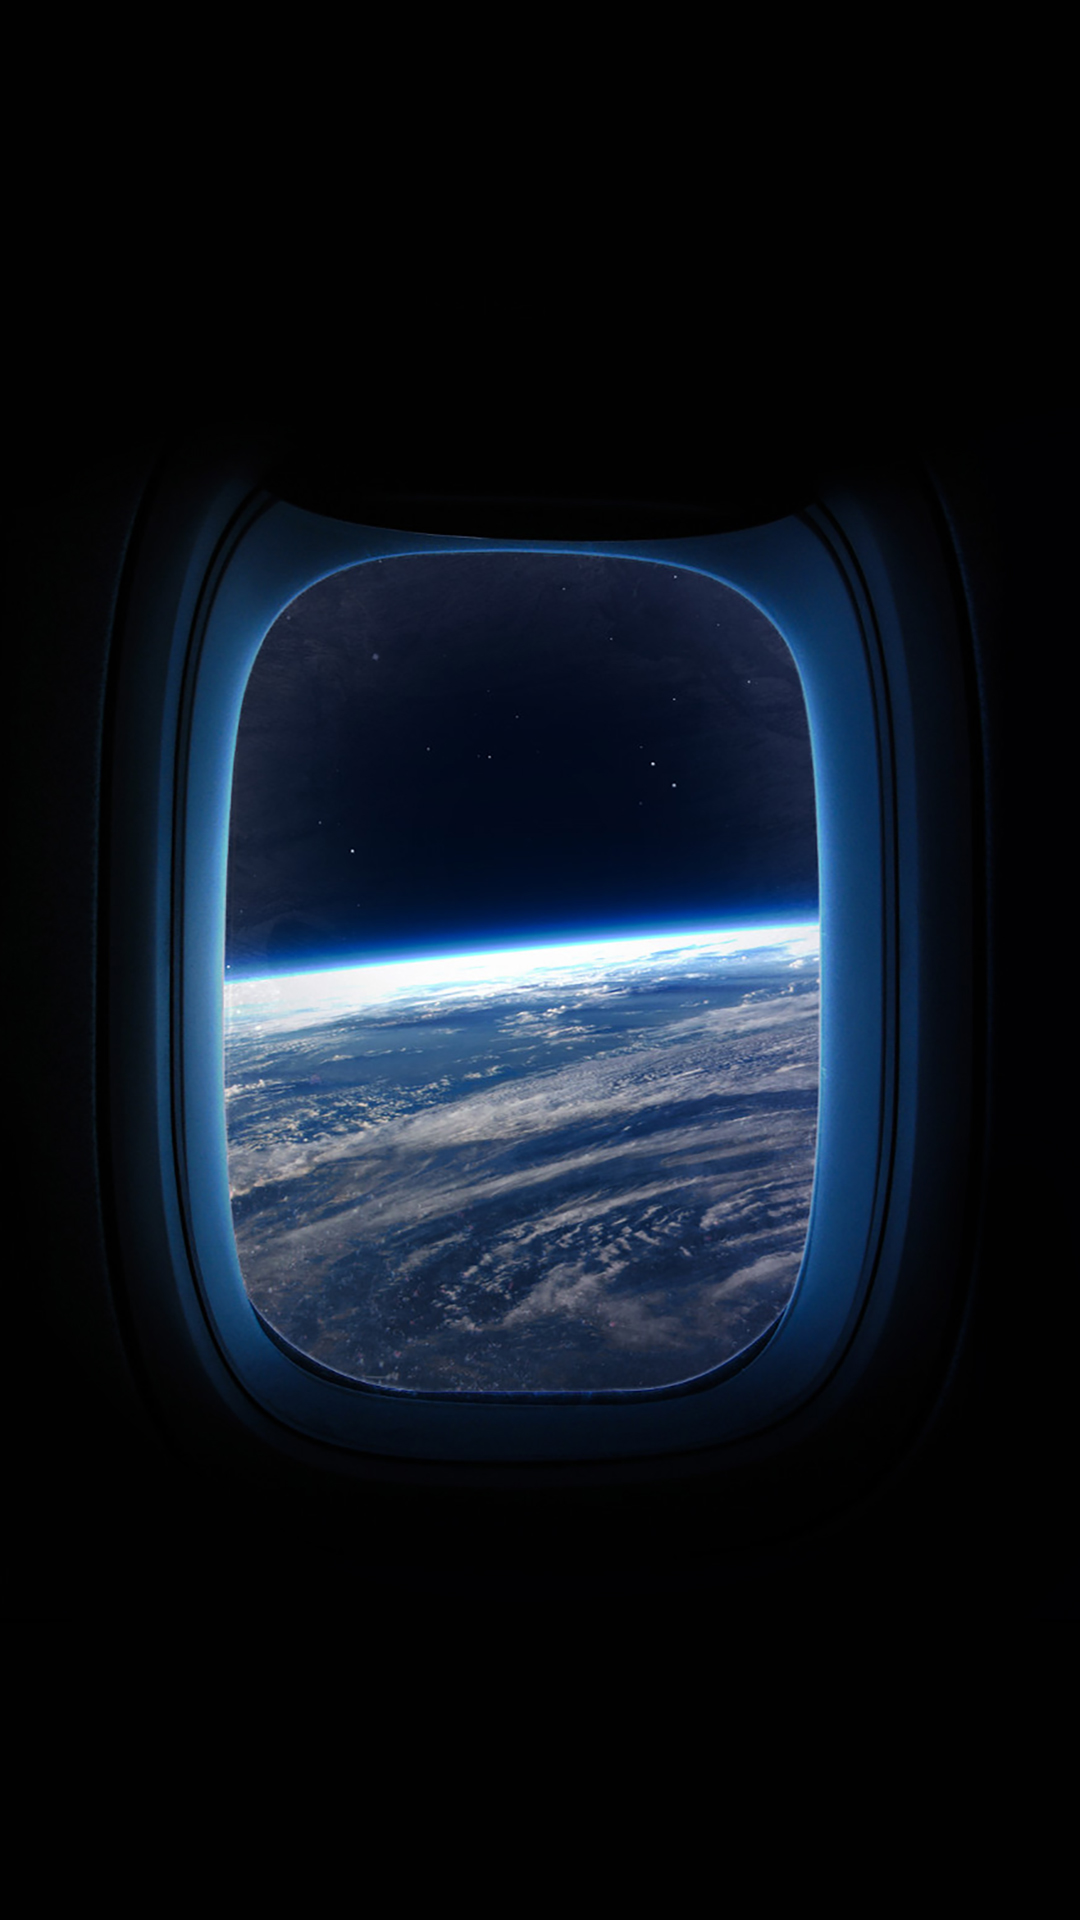 Space Window iPhone Wallpaper